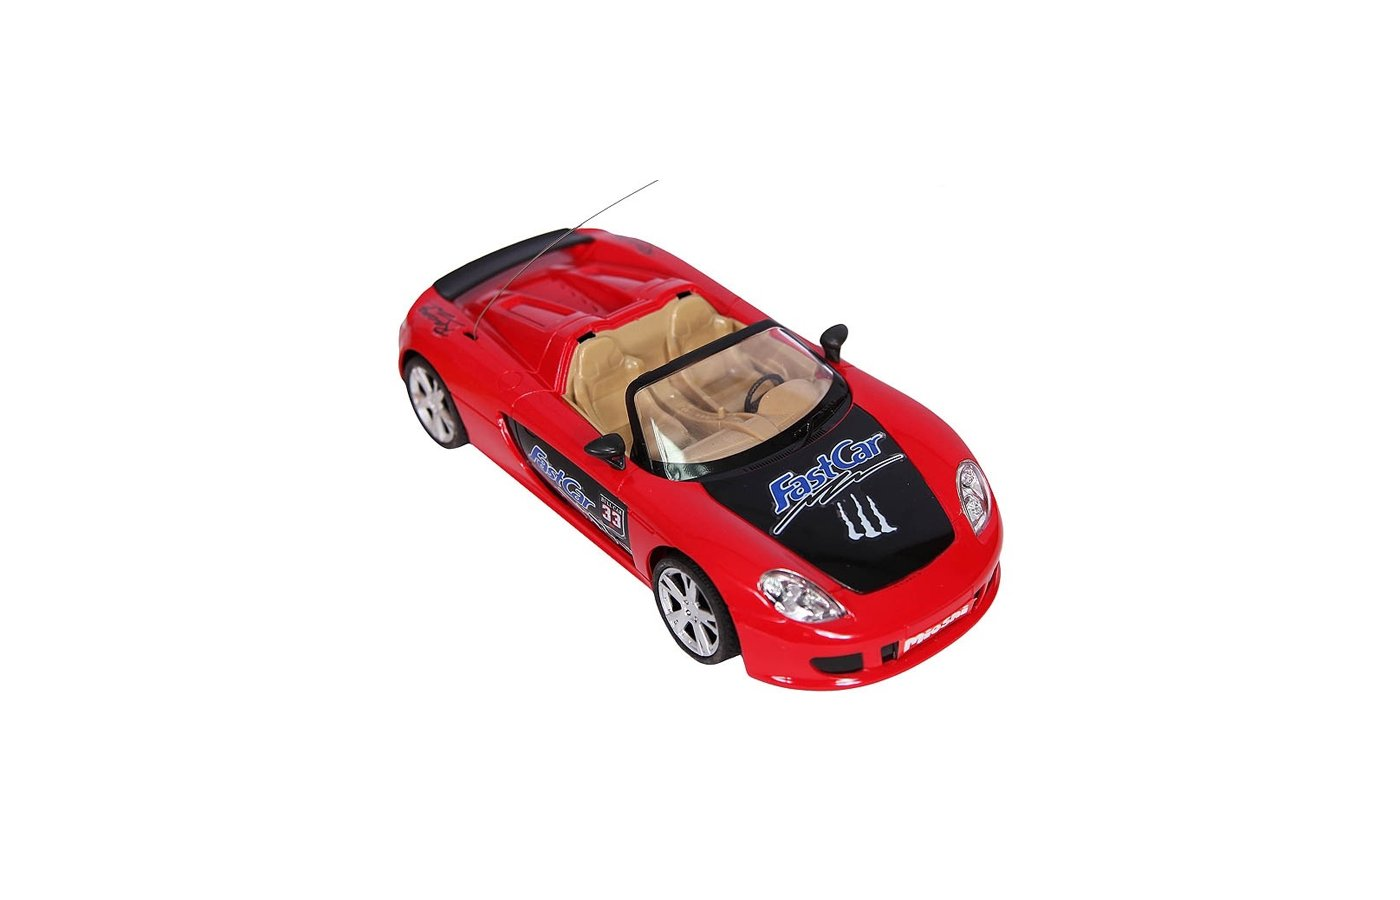 Игрушка MioshiTech Автомобиль 24см на аккум. 2012-3 красно-черный